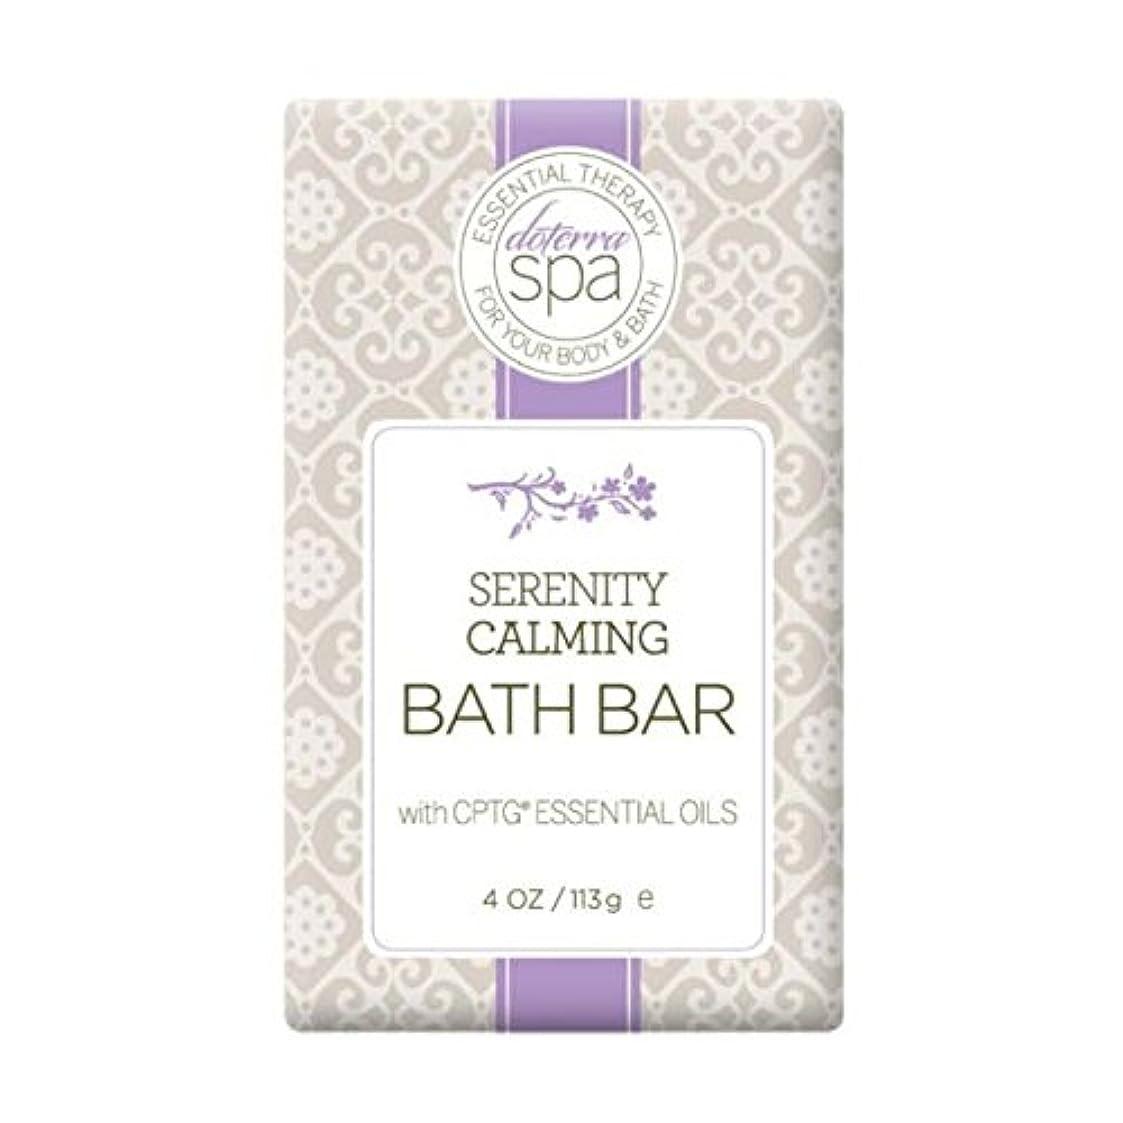 シロナガスクジラじゃがいもポルノdoTERRA ドテラ スパ SPA Bath Bar  Serenity Calming バスバー(日本国内販売名:ウェーブリズム) 一等級精油 113g 100%CPTG [海外直送品]